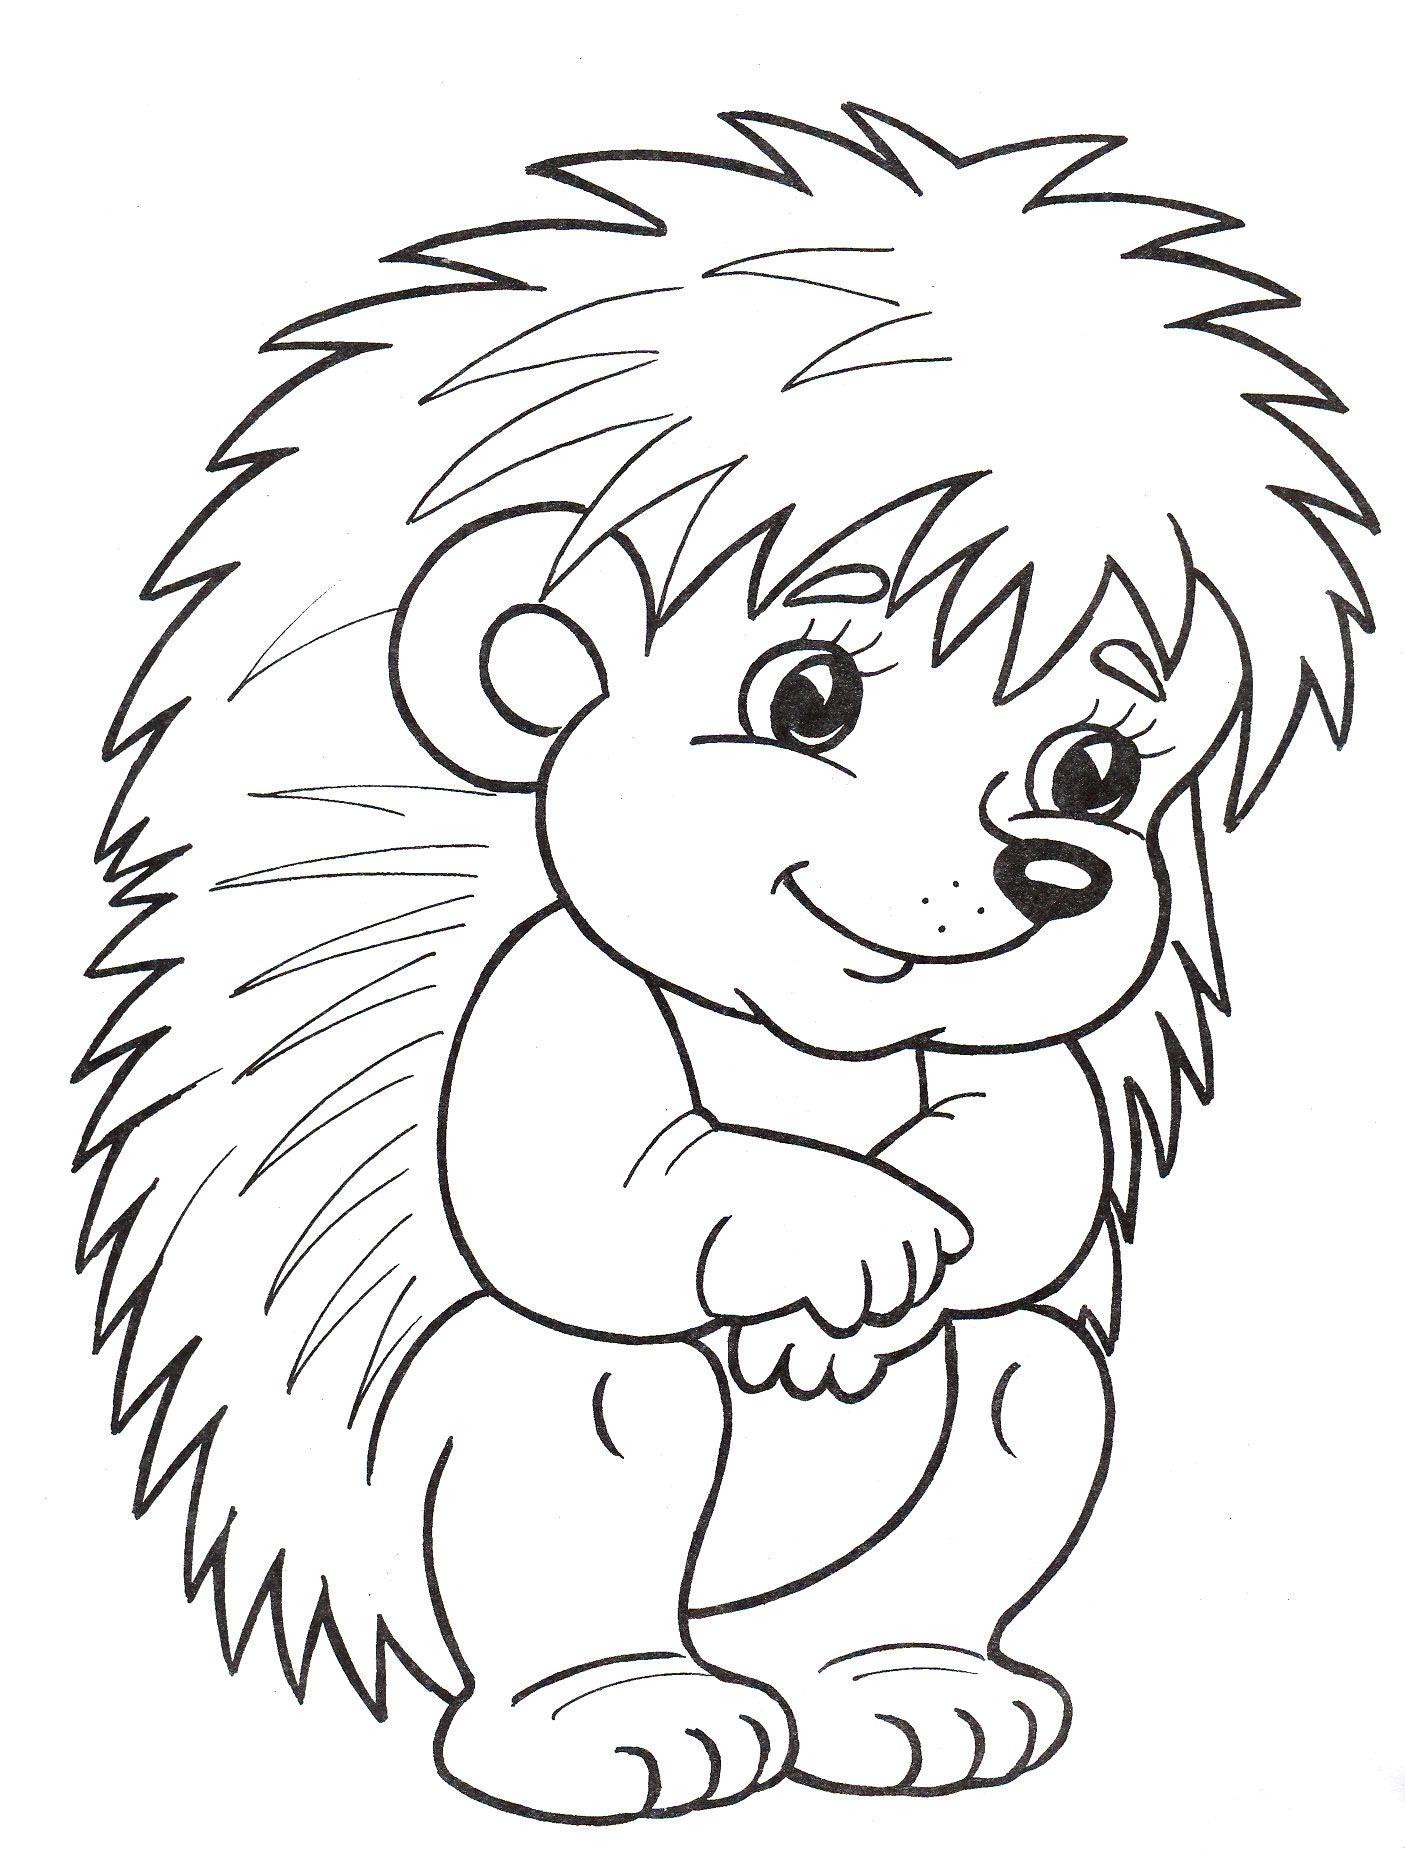 Раскраски для малышей — игрушки   Animal coloring pages ...